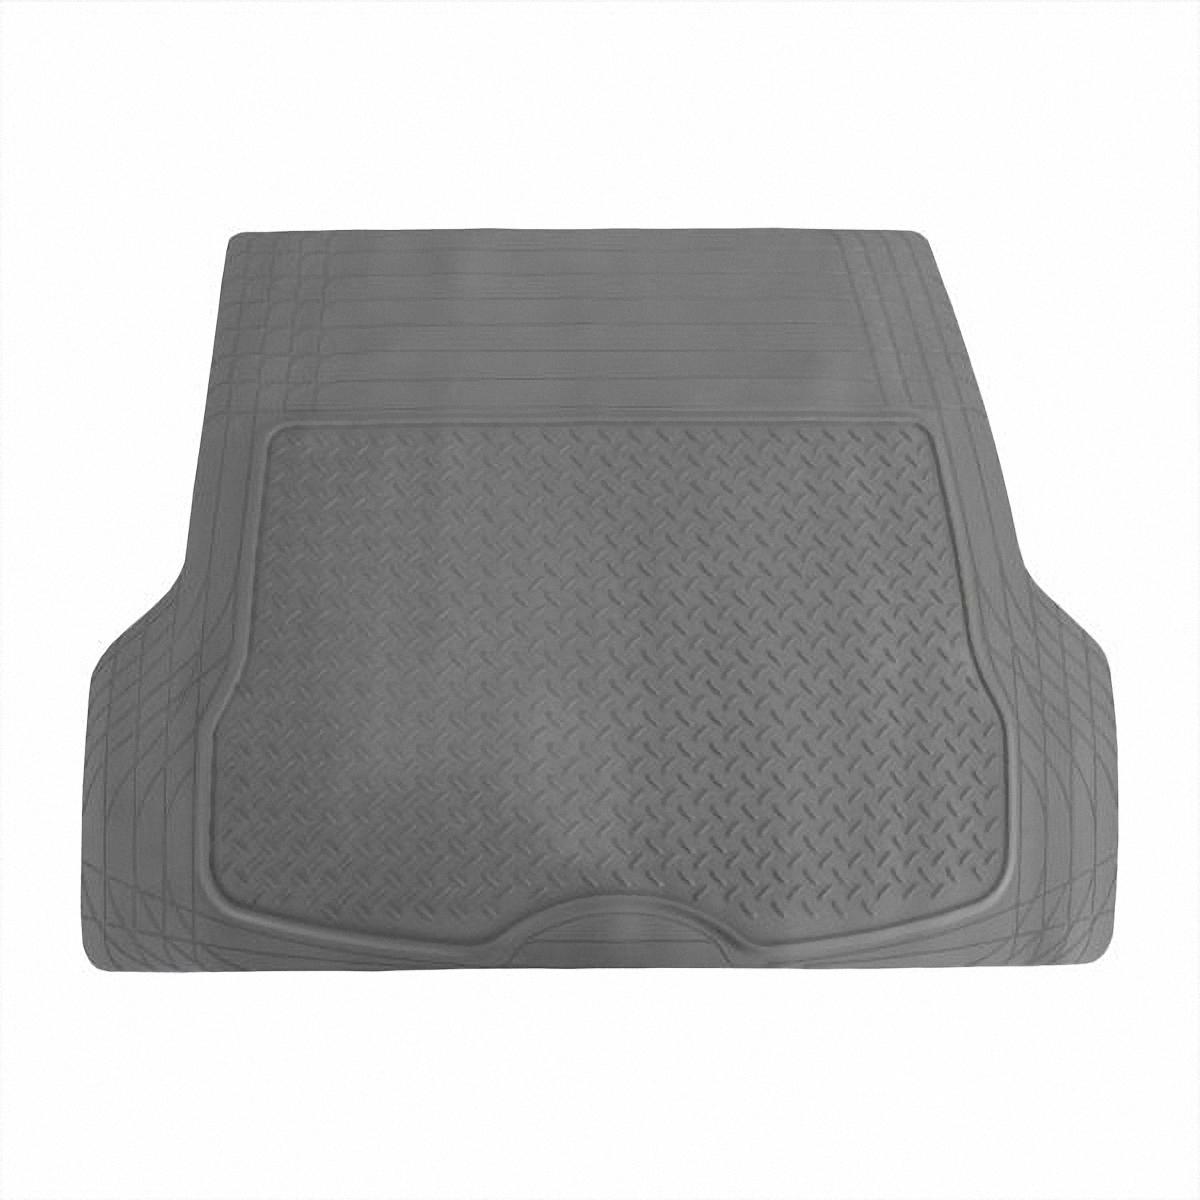 Коврик в салон автомобиля Skyway, в багажник, цвет: серый, 109,5 х 144 см13802001Коврик сохраняет эластичность даже при экстремально низких и высоких температурах (от -50°С до +50°С). Обладает повышенной устойчивостью к износу и агрессивным средам, таким как антигололёдные реагенты, масло и топливо. Усовершенствованная конструкция изделия обеспечивает плотное прилегание и надёжную фиксацию коврика на полу автомобиля.Размер: 109,5 х 144 см.